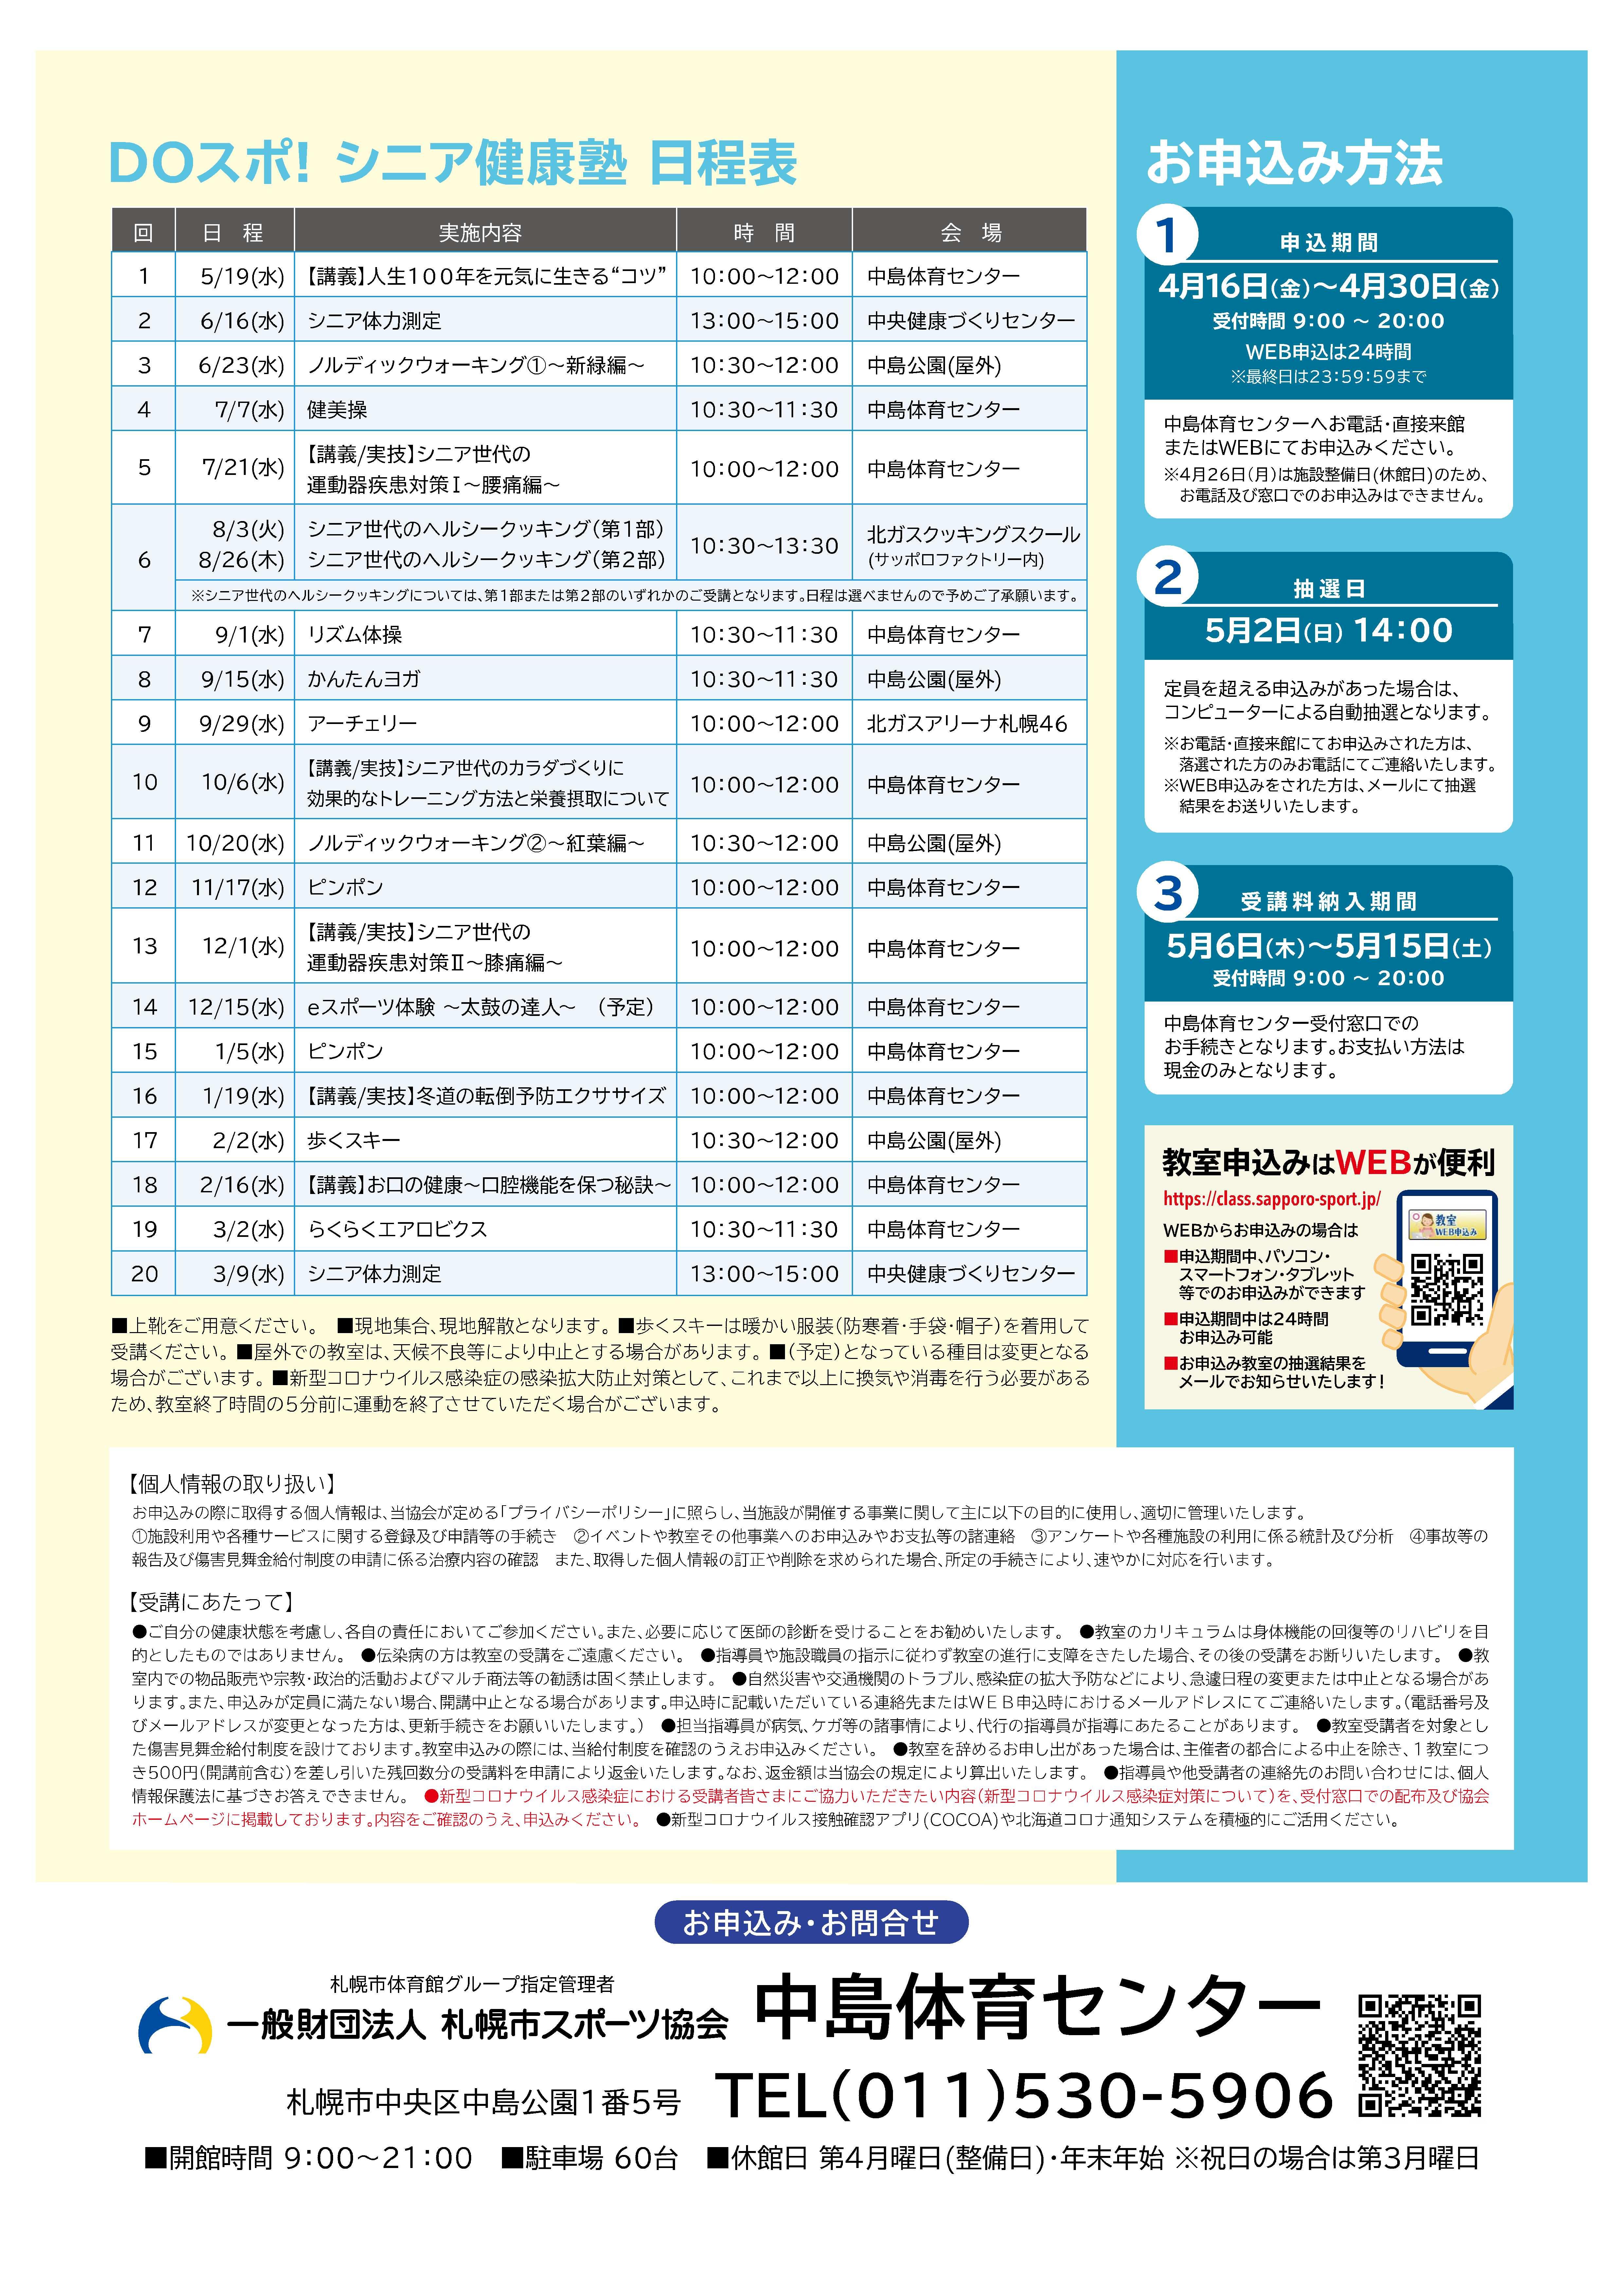 令和3年度-DOスポ!シニア健康塾チラシ-2